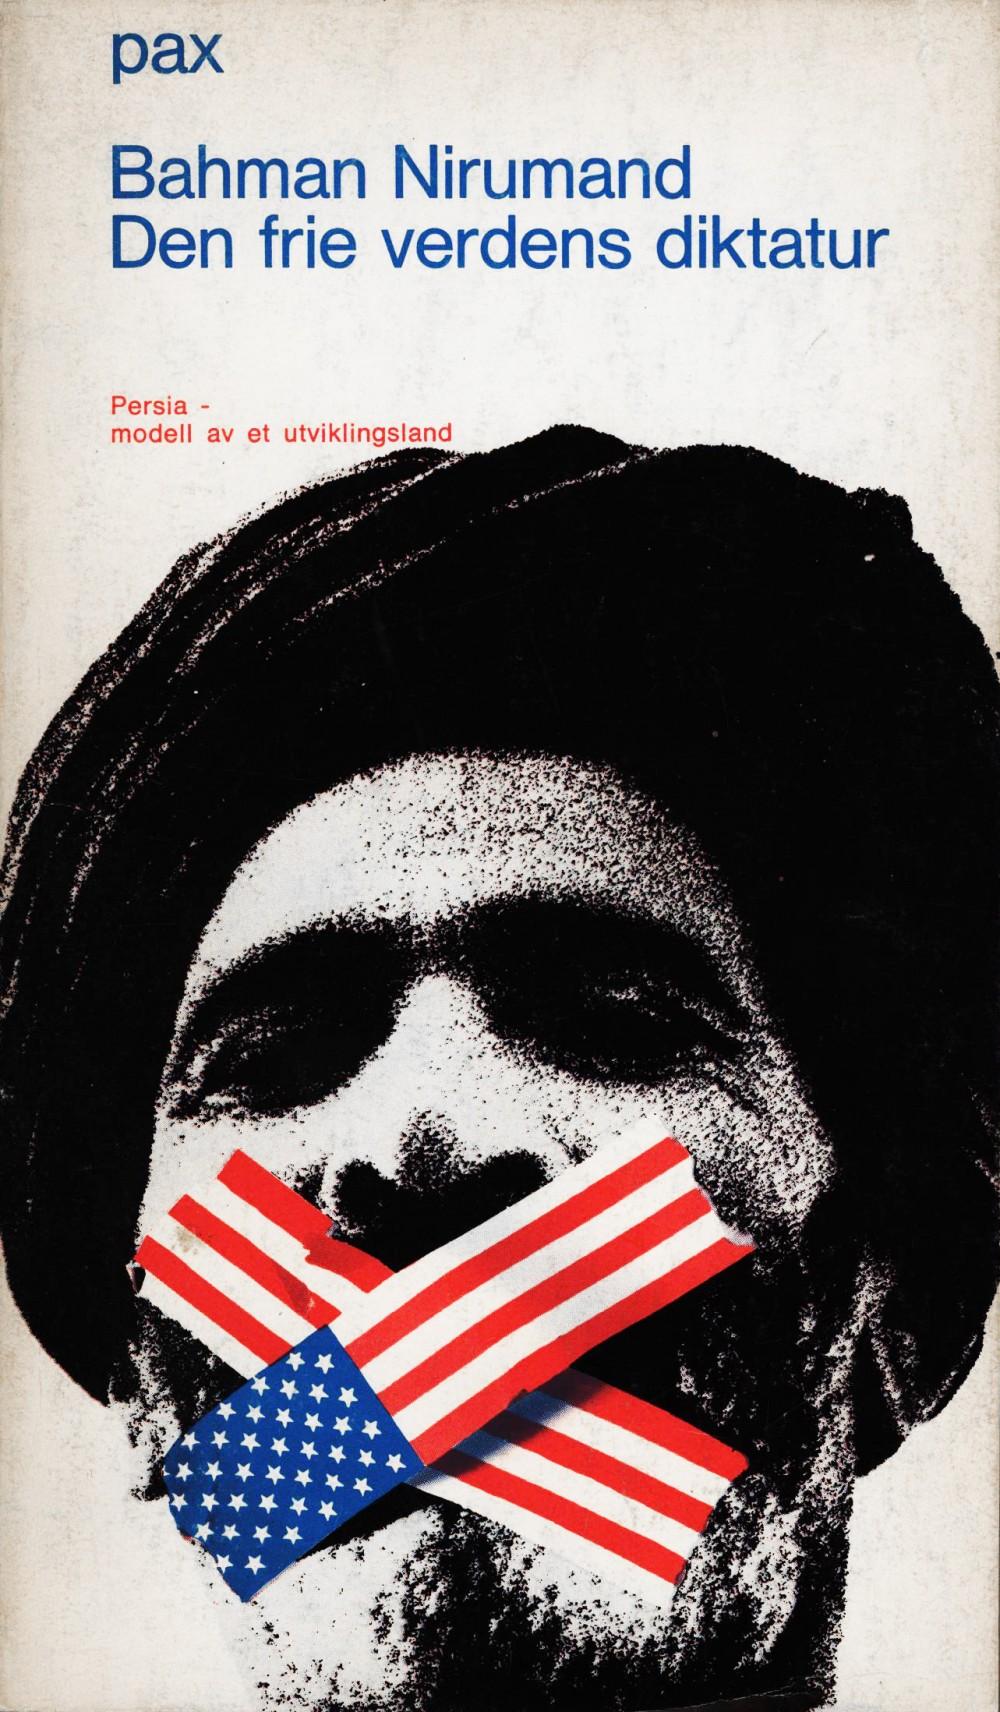 Bahman Nirumand: Den frie verdens diktatur - Persia: modell av et utviklingsland